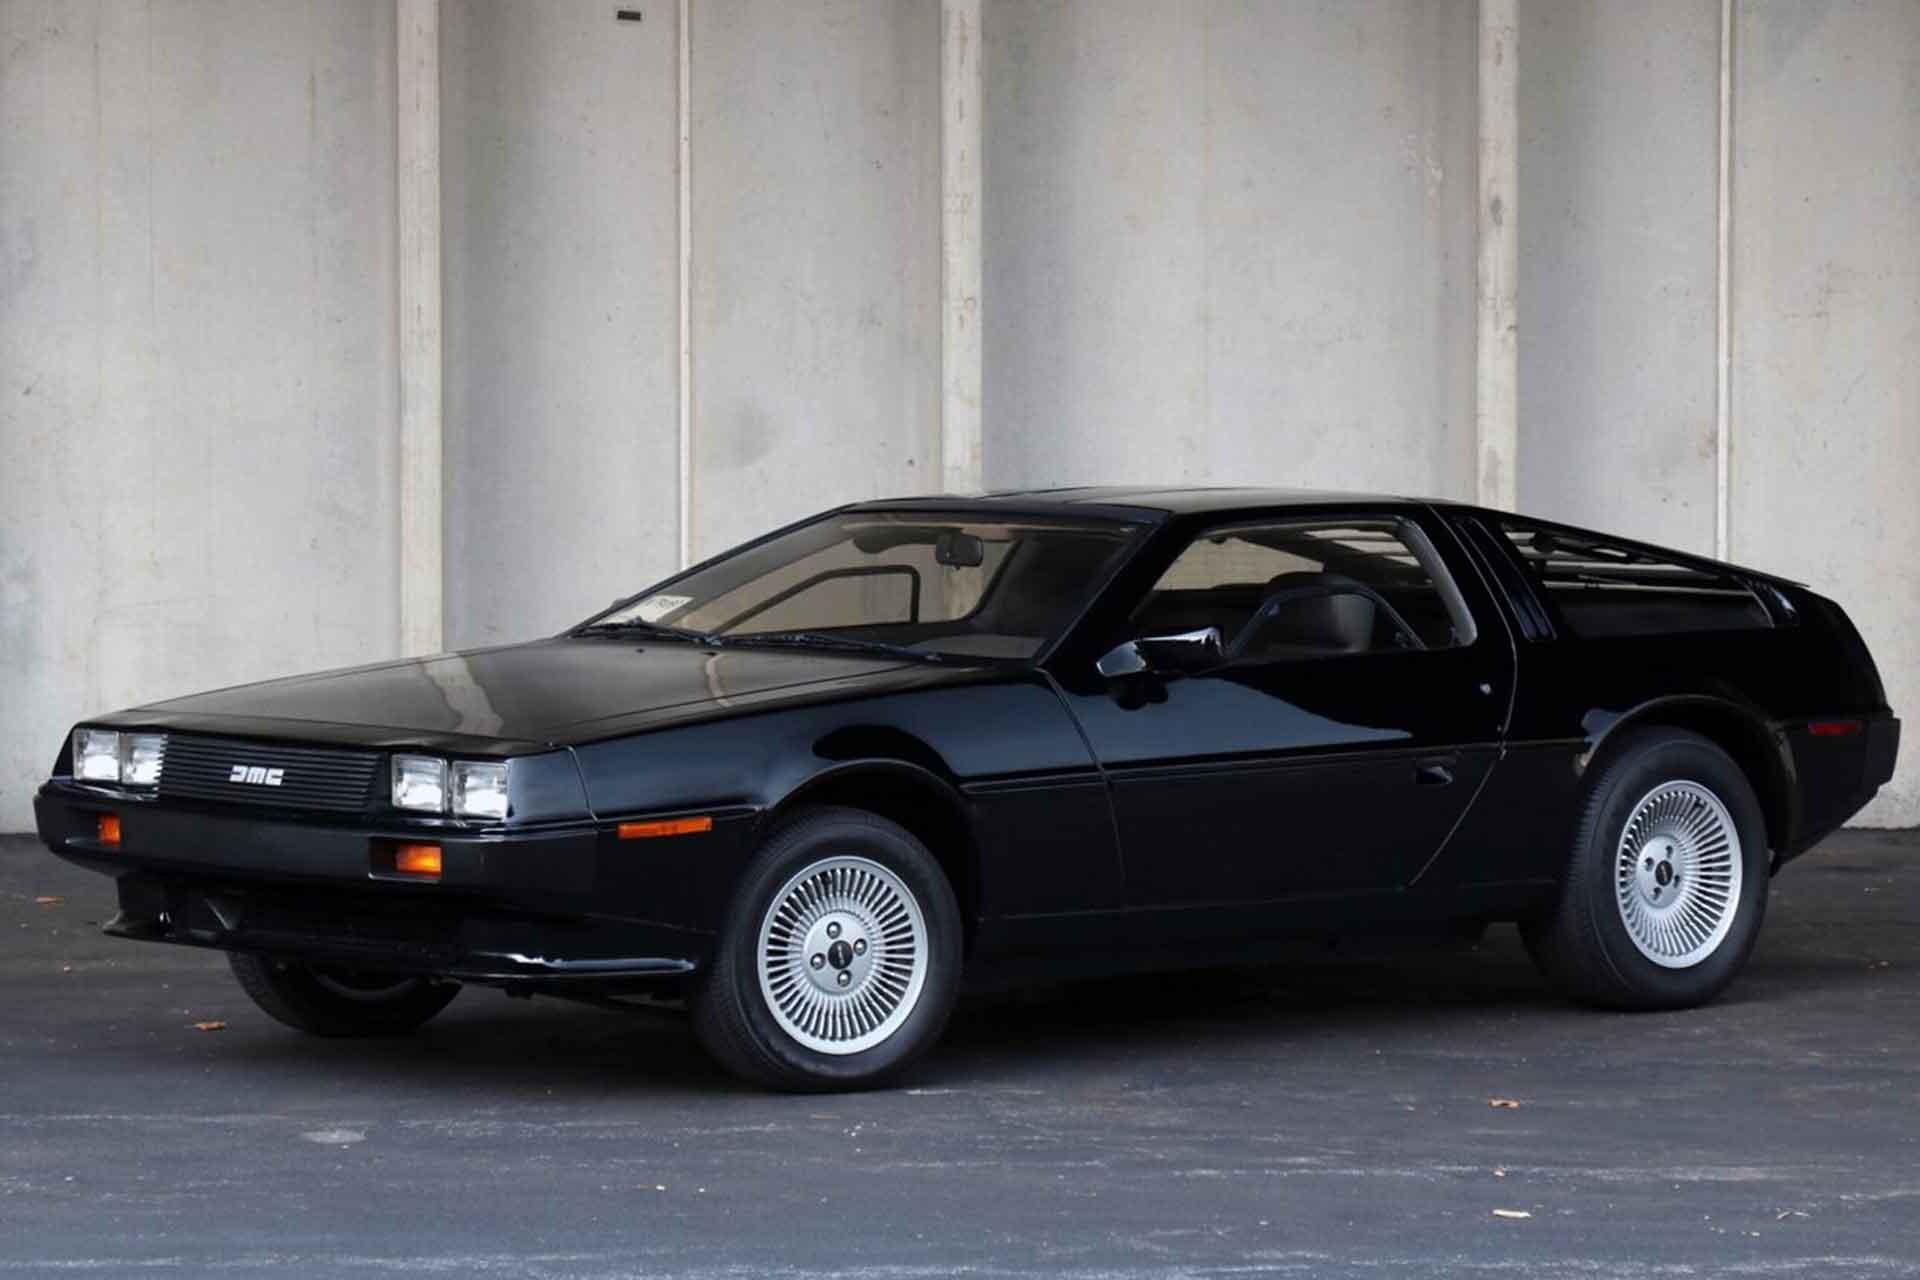 Black 1981 DeLorean DMC-12 Coupe